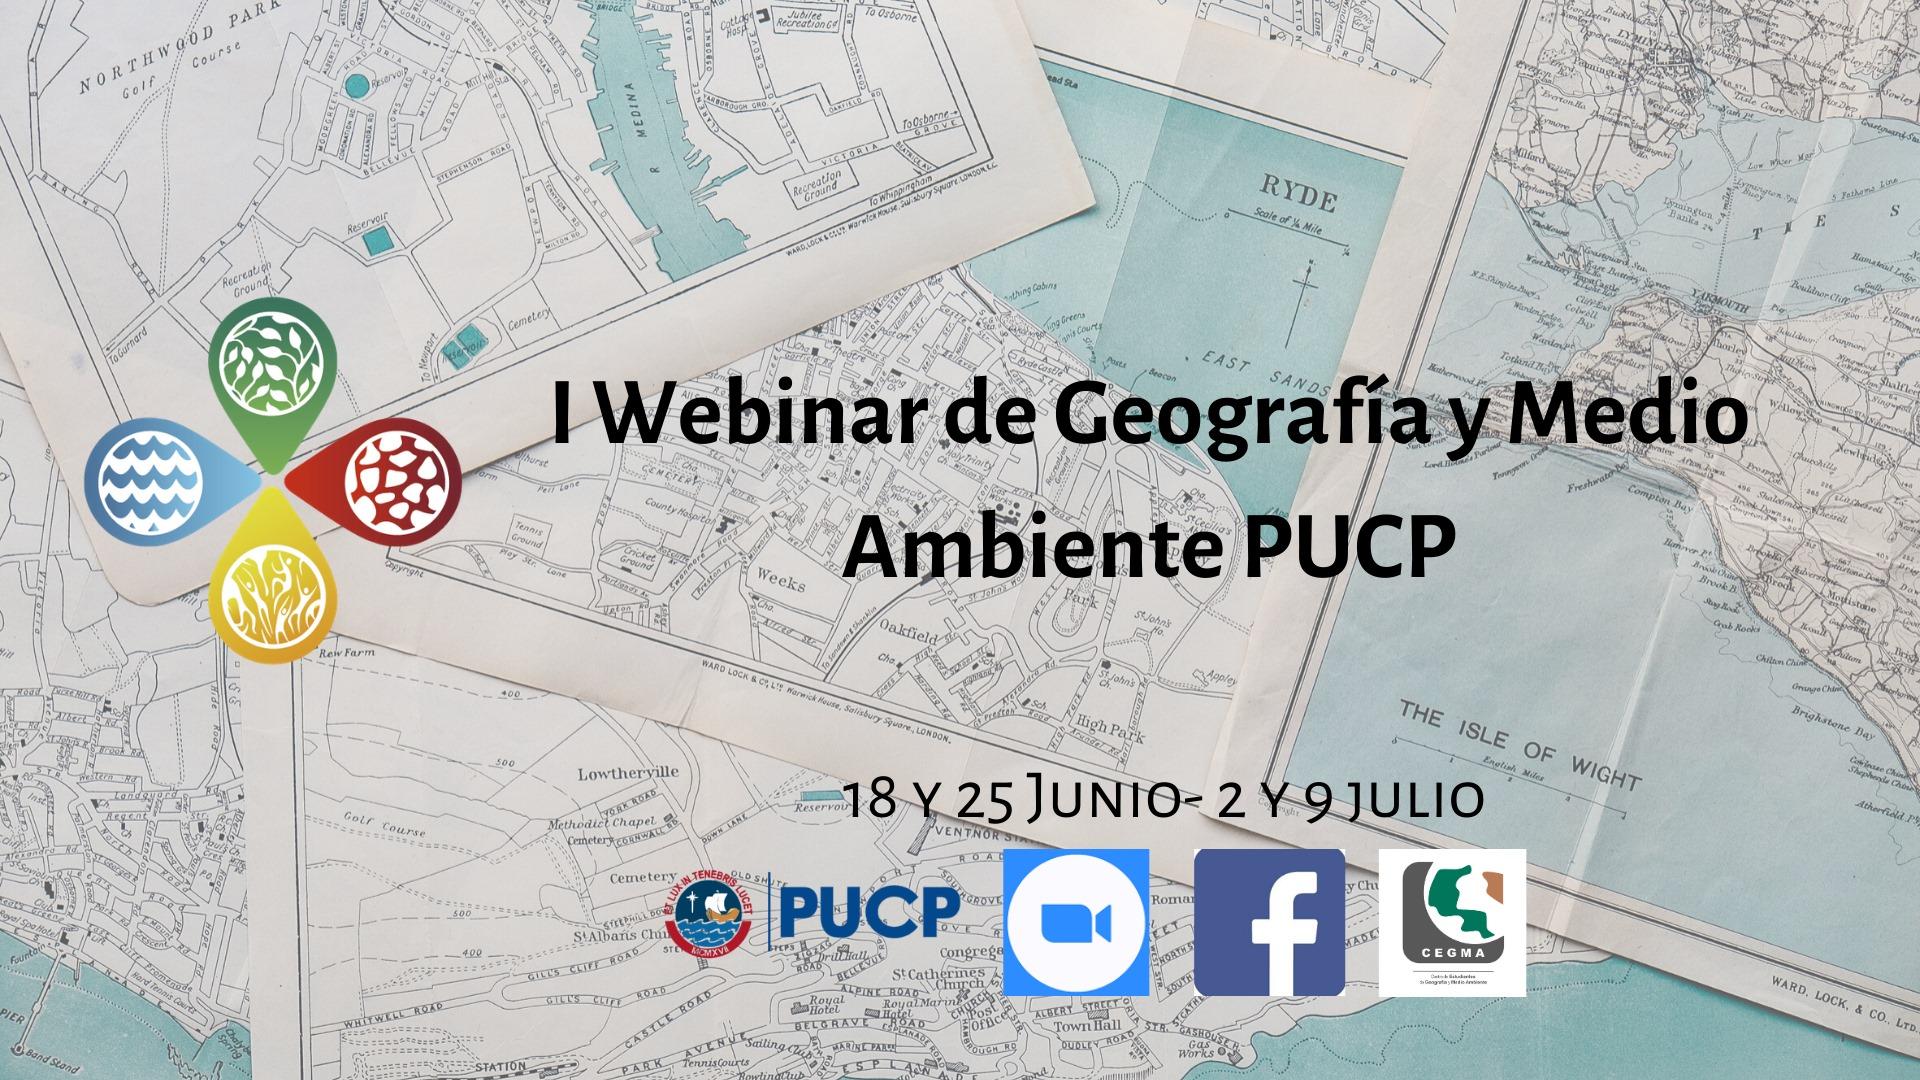 Webinar Internacional de Estudiantes de Geografía y Medio Ambiente PUCP [videos]